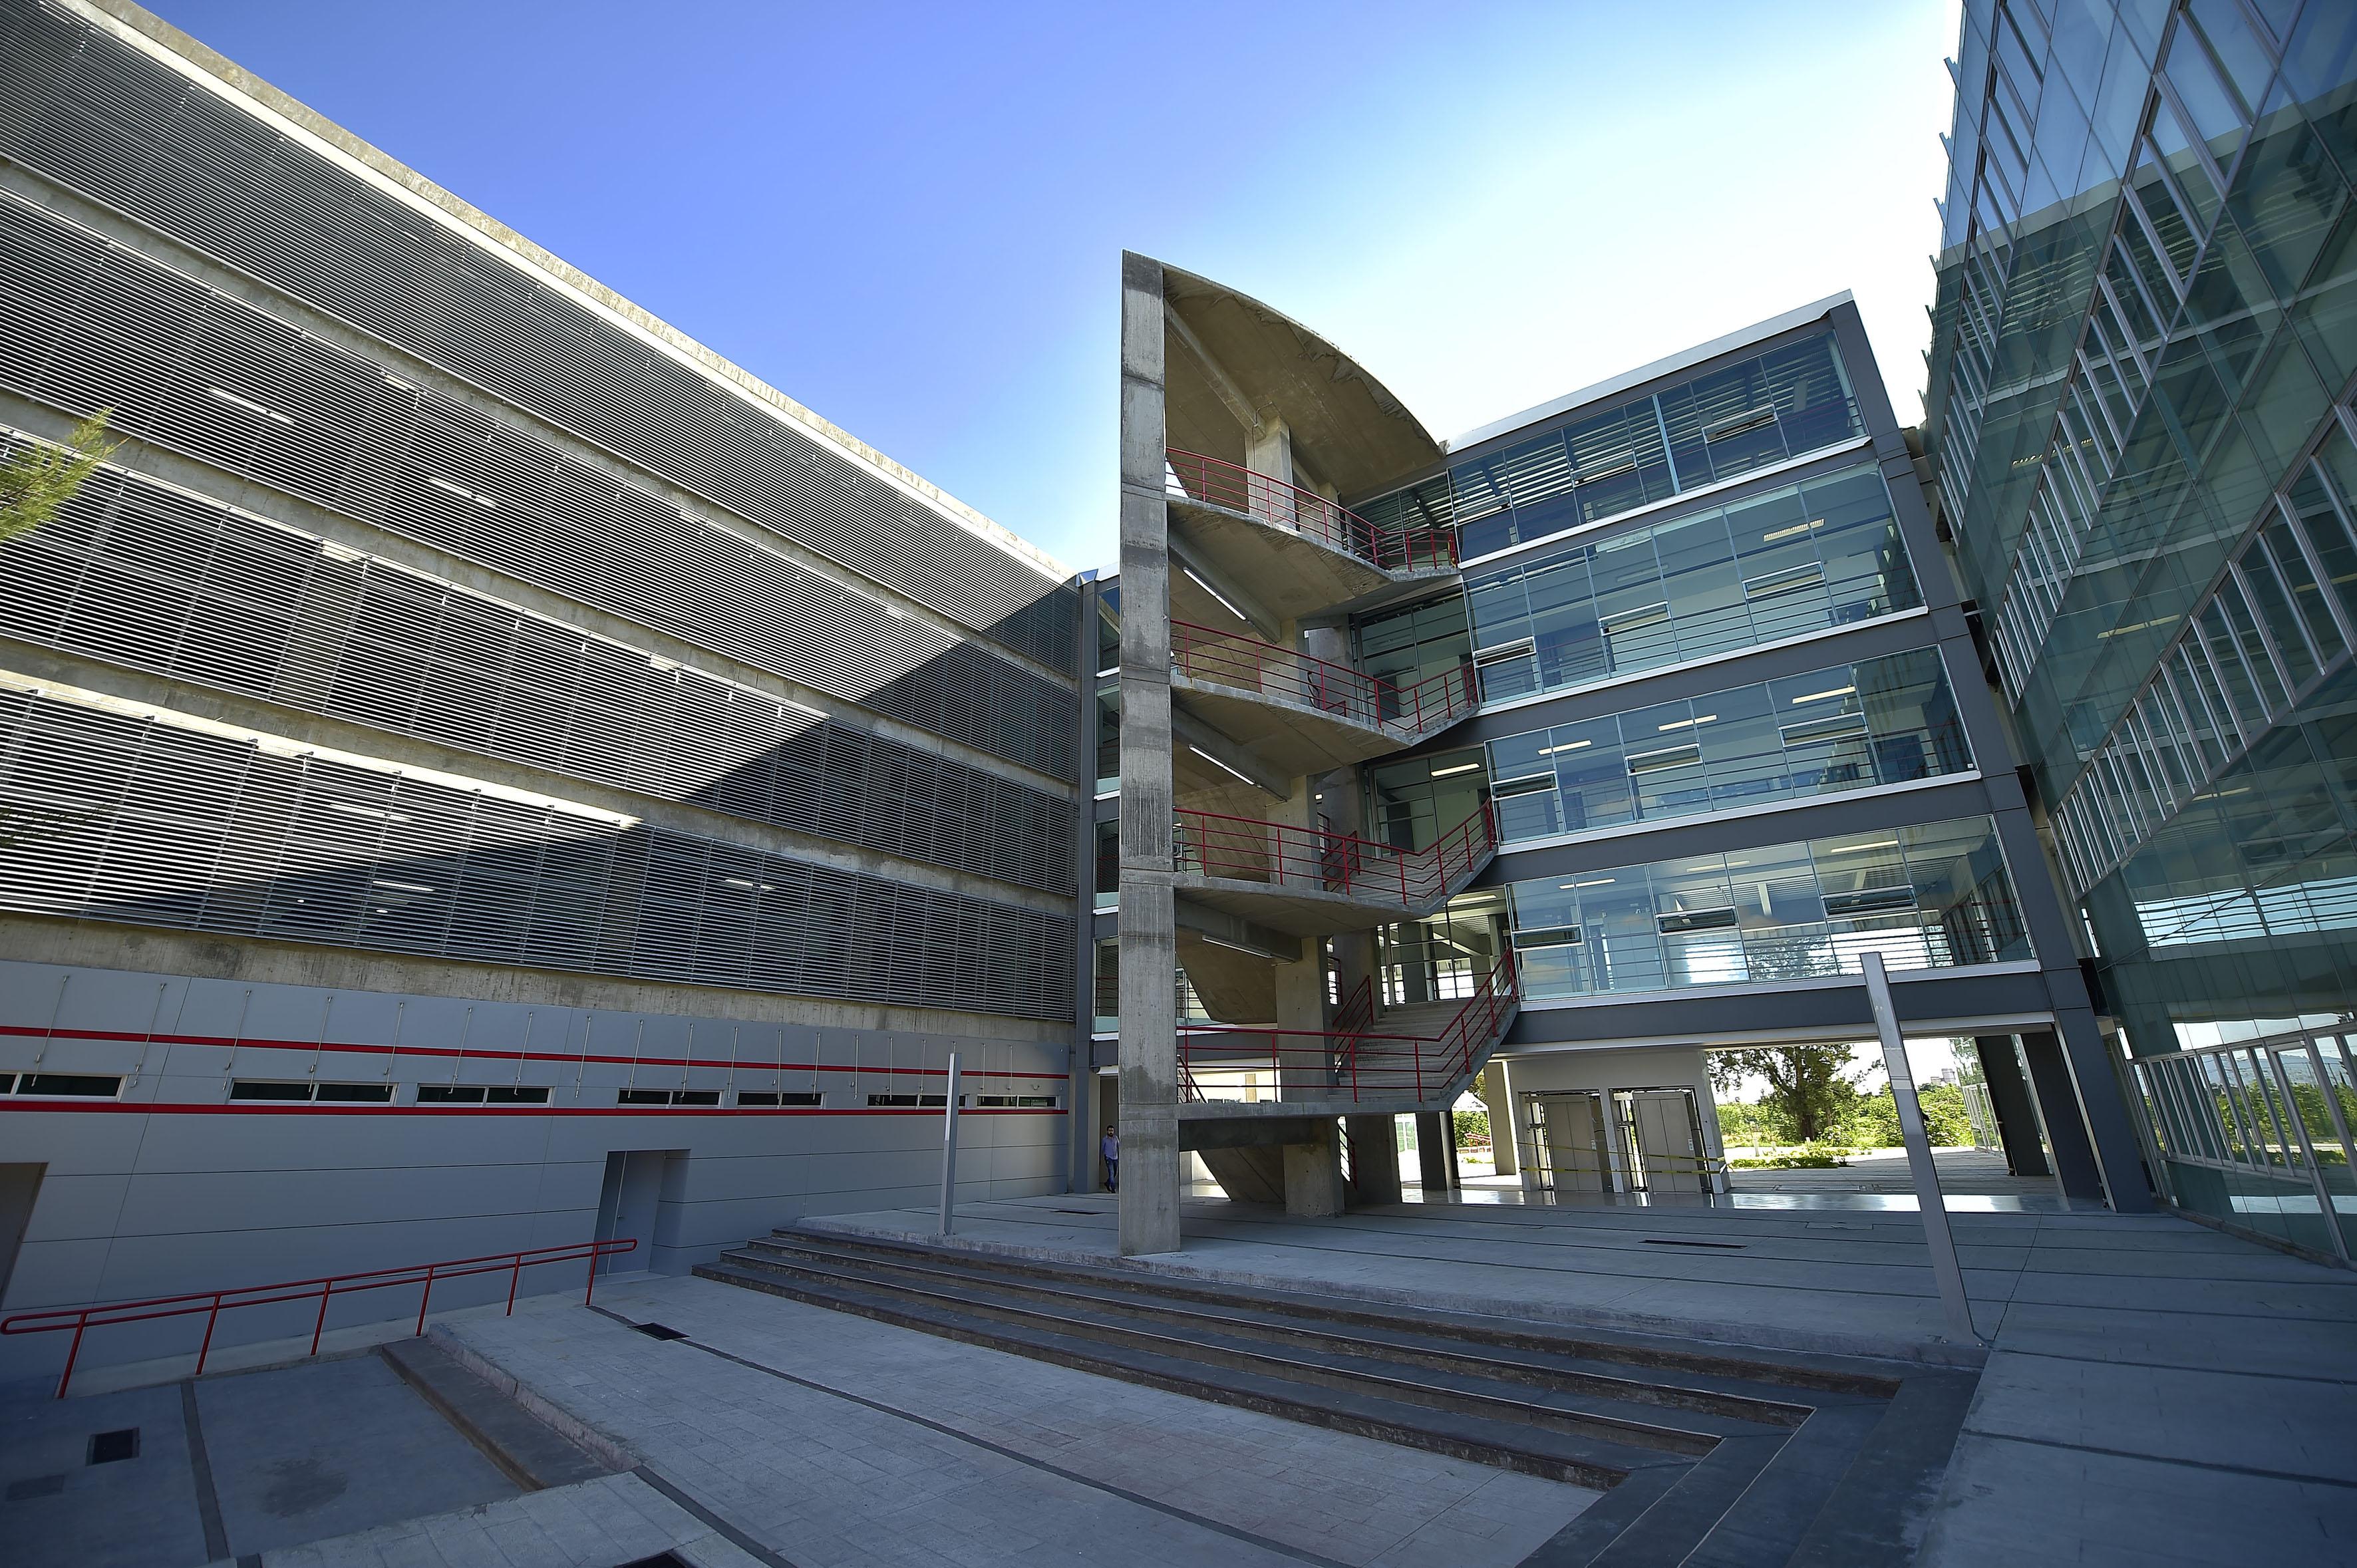 Instalaciones del Centro Universitario de Ciencias Sociales y Humanidades, campus Belenes